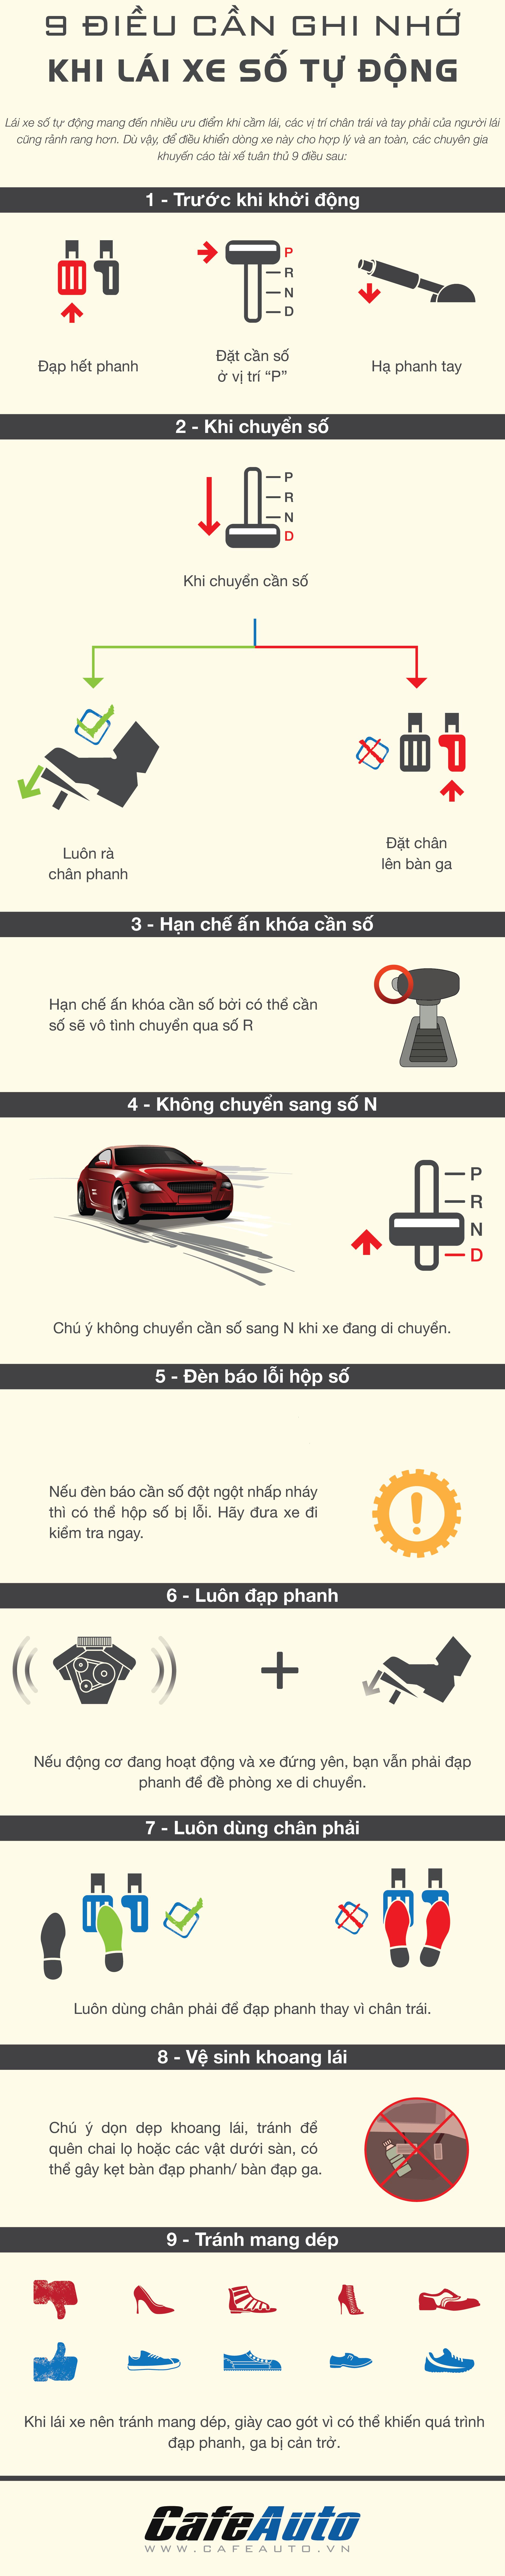 9-dieu-can-ghi-nho-khi-lai-xe-so-tu-dong